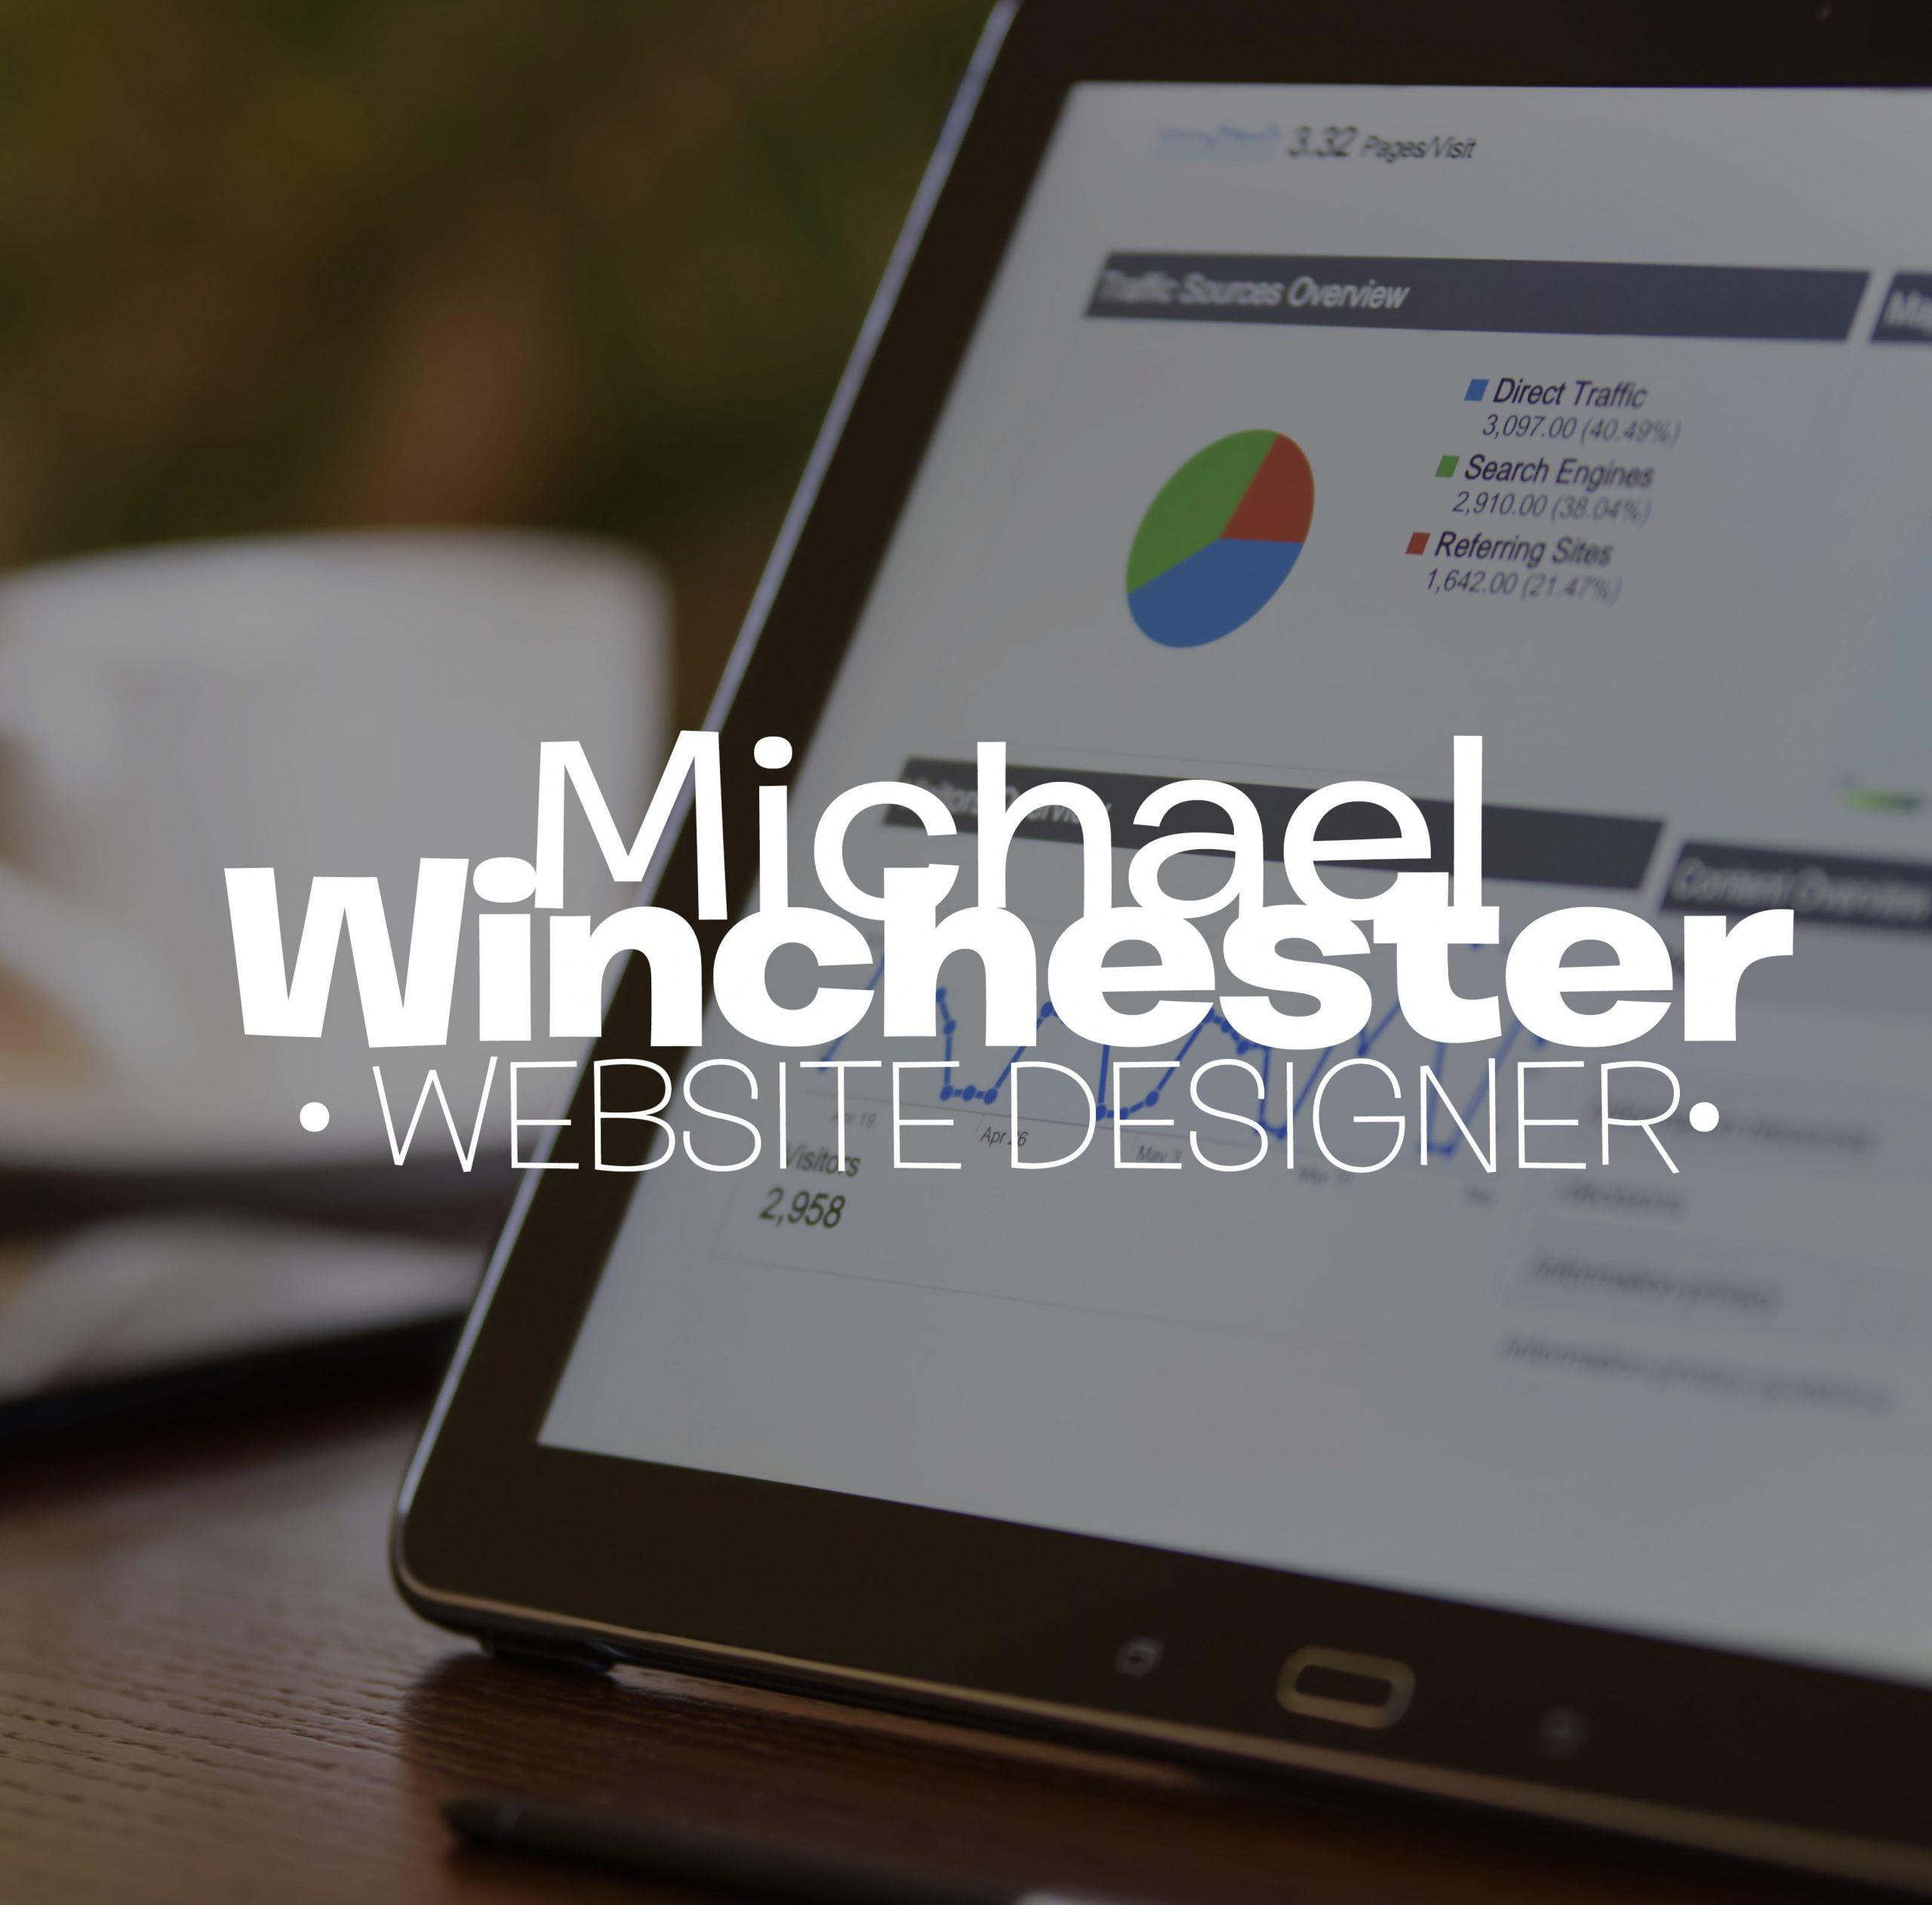 Michael Winchester Design